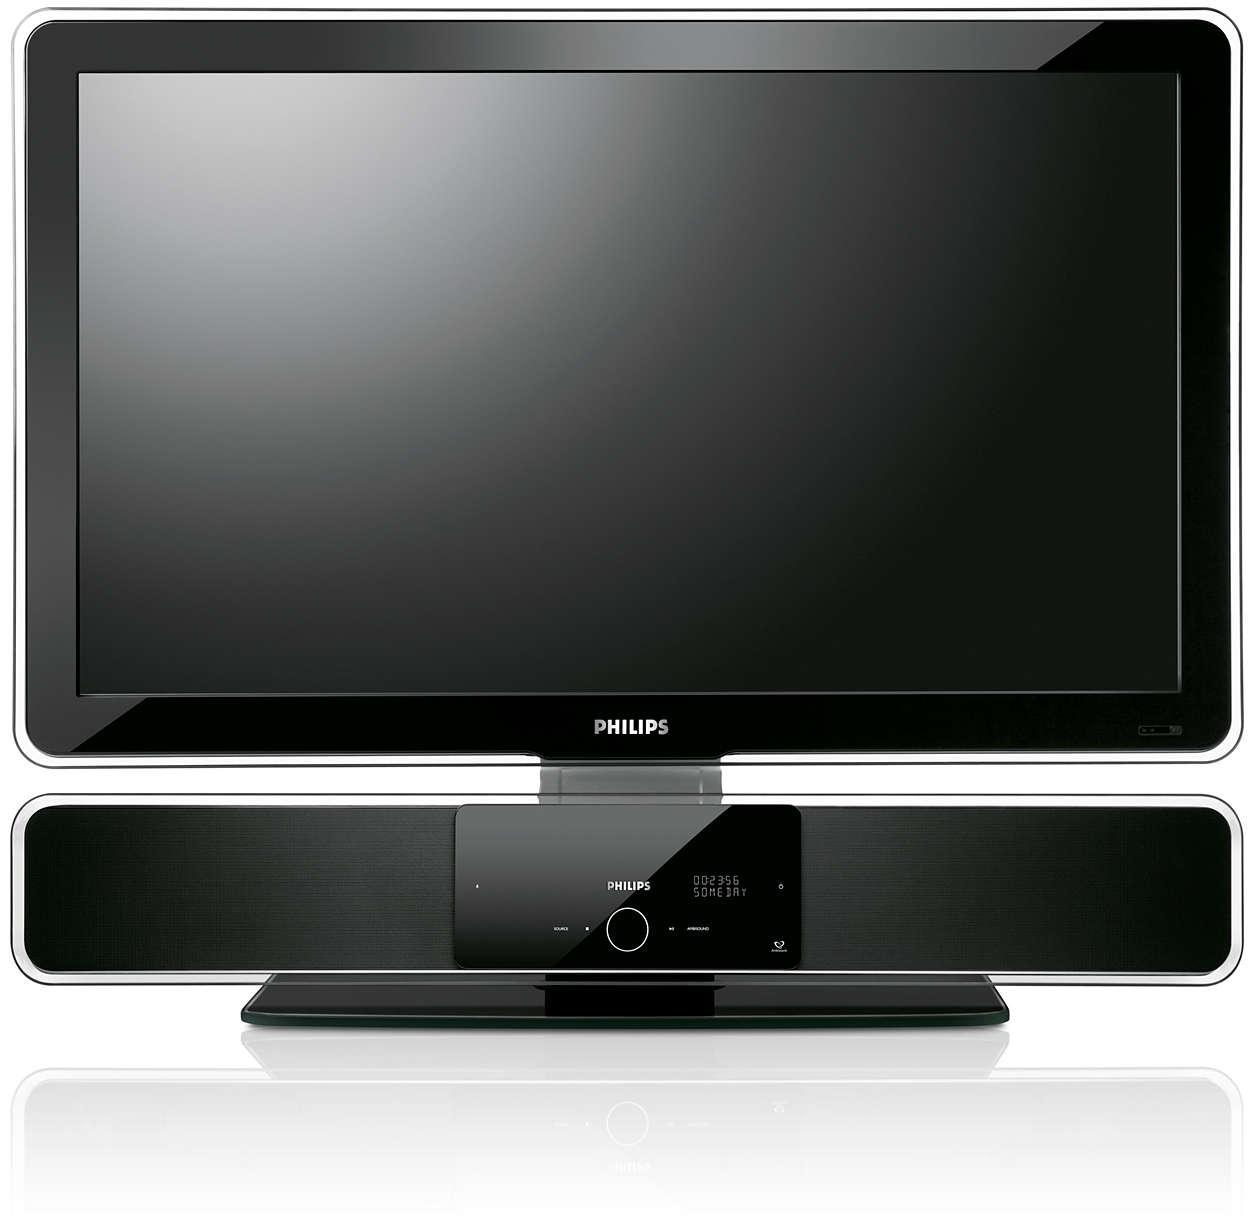 Diseñado especialmente para tu SoundBar y Flat TV